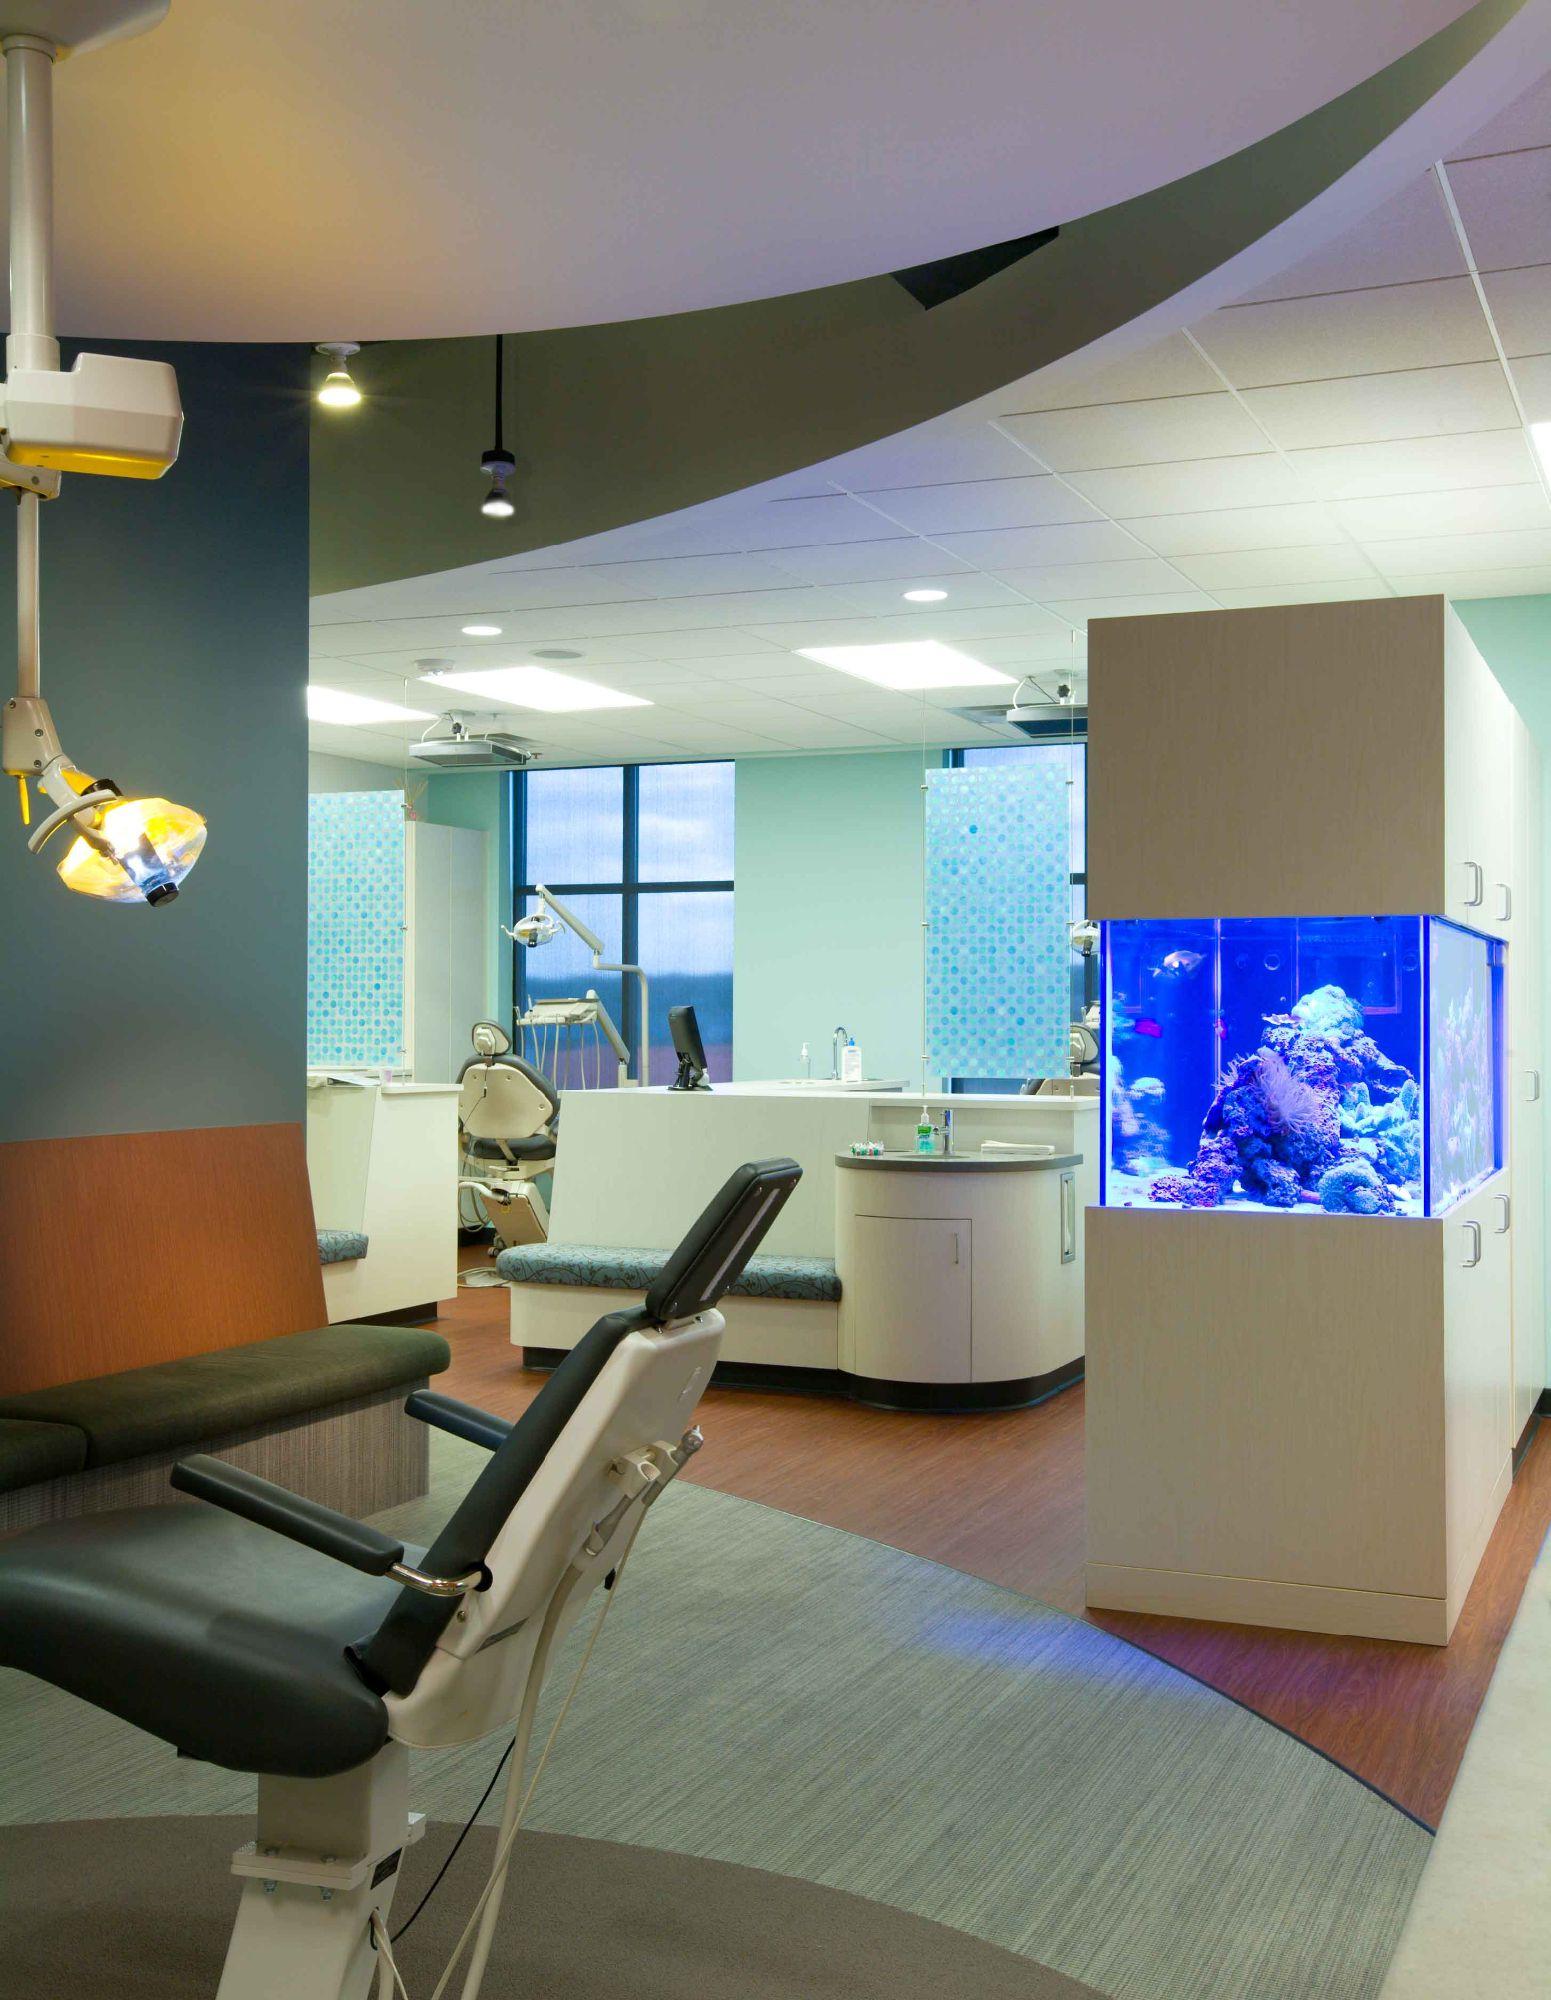 Colorado Kids Pediatric Dentistry Joe Architect Dental